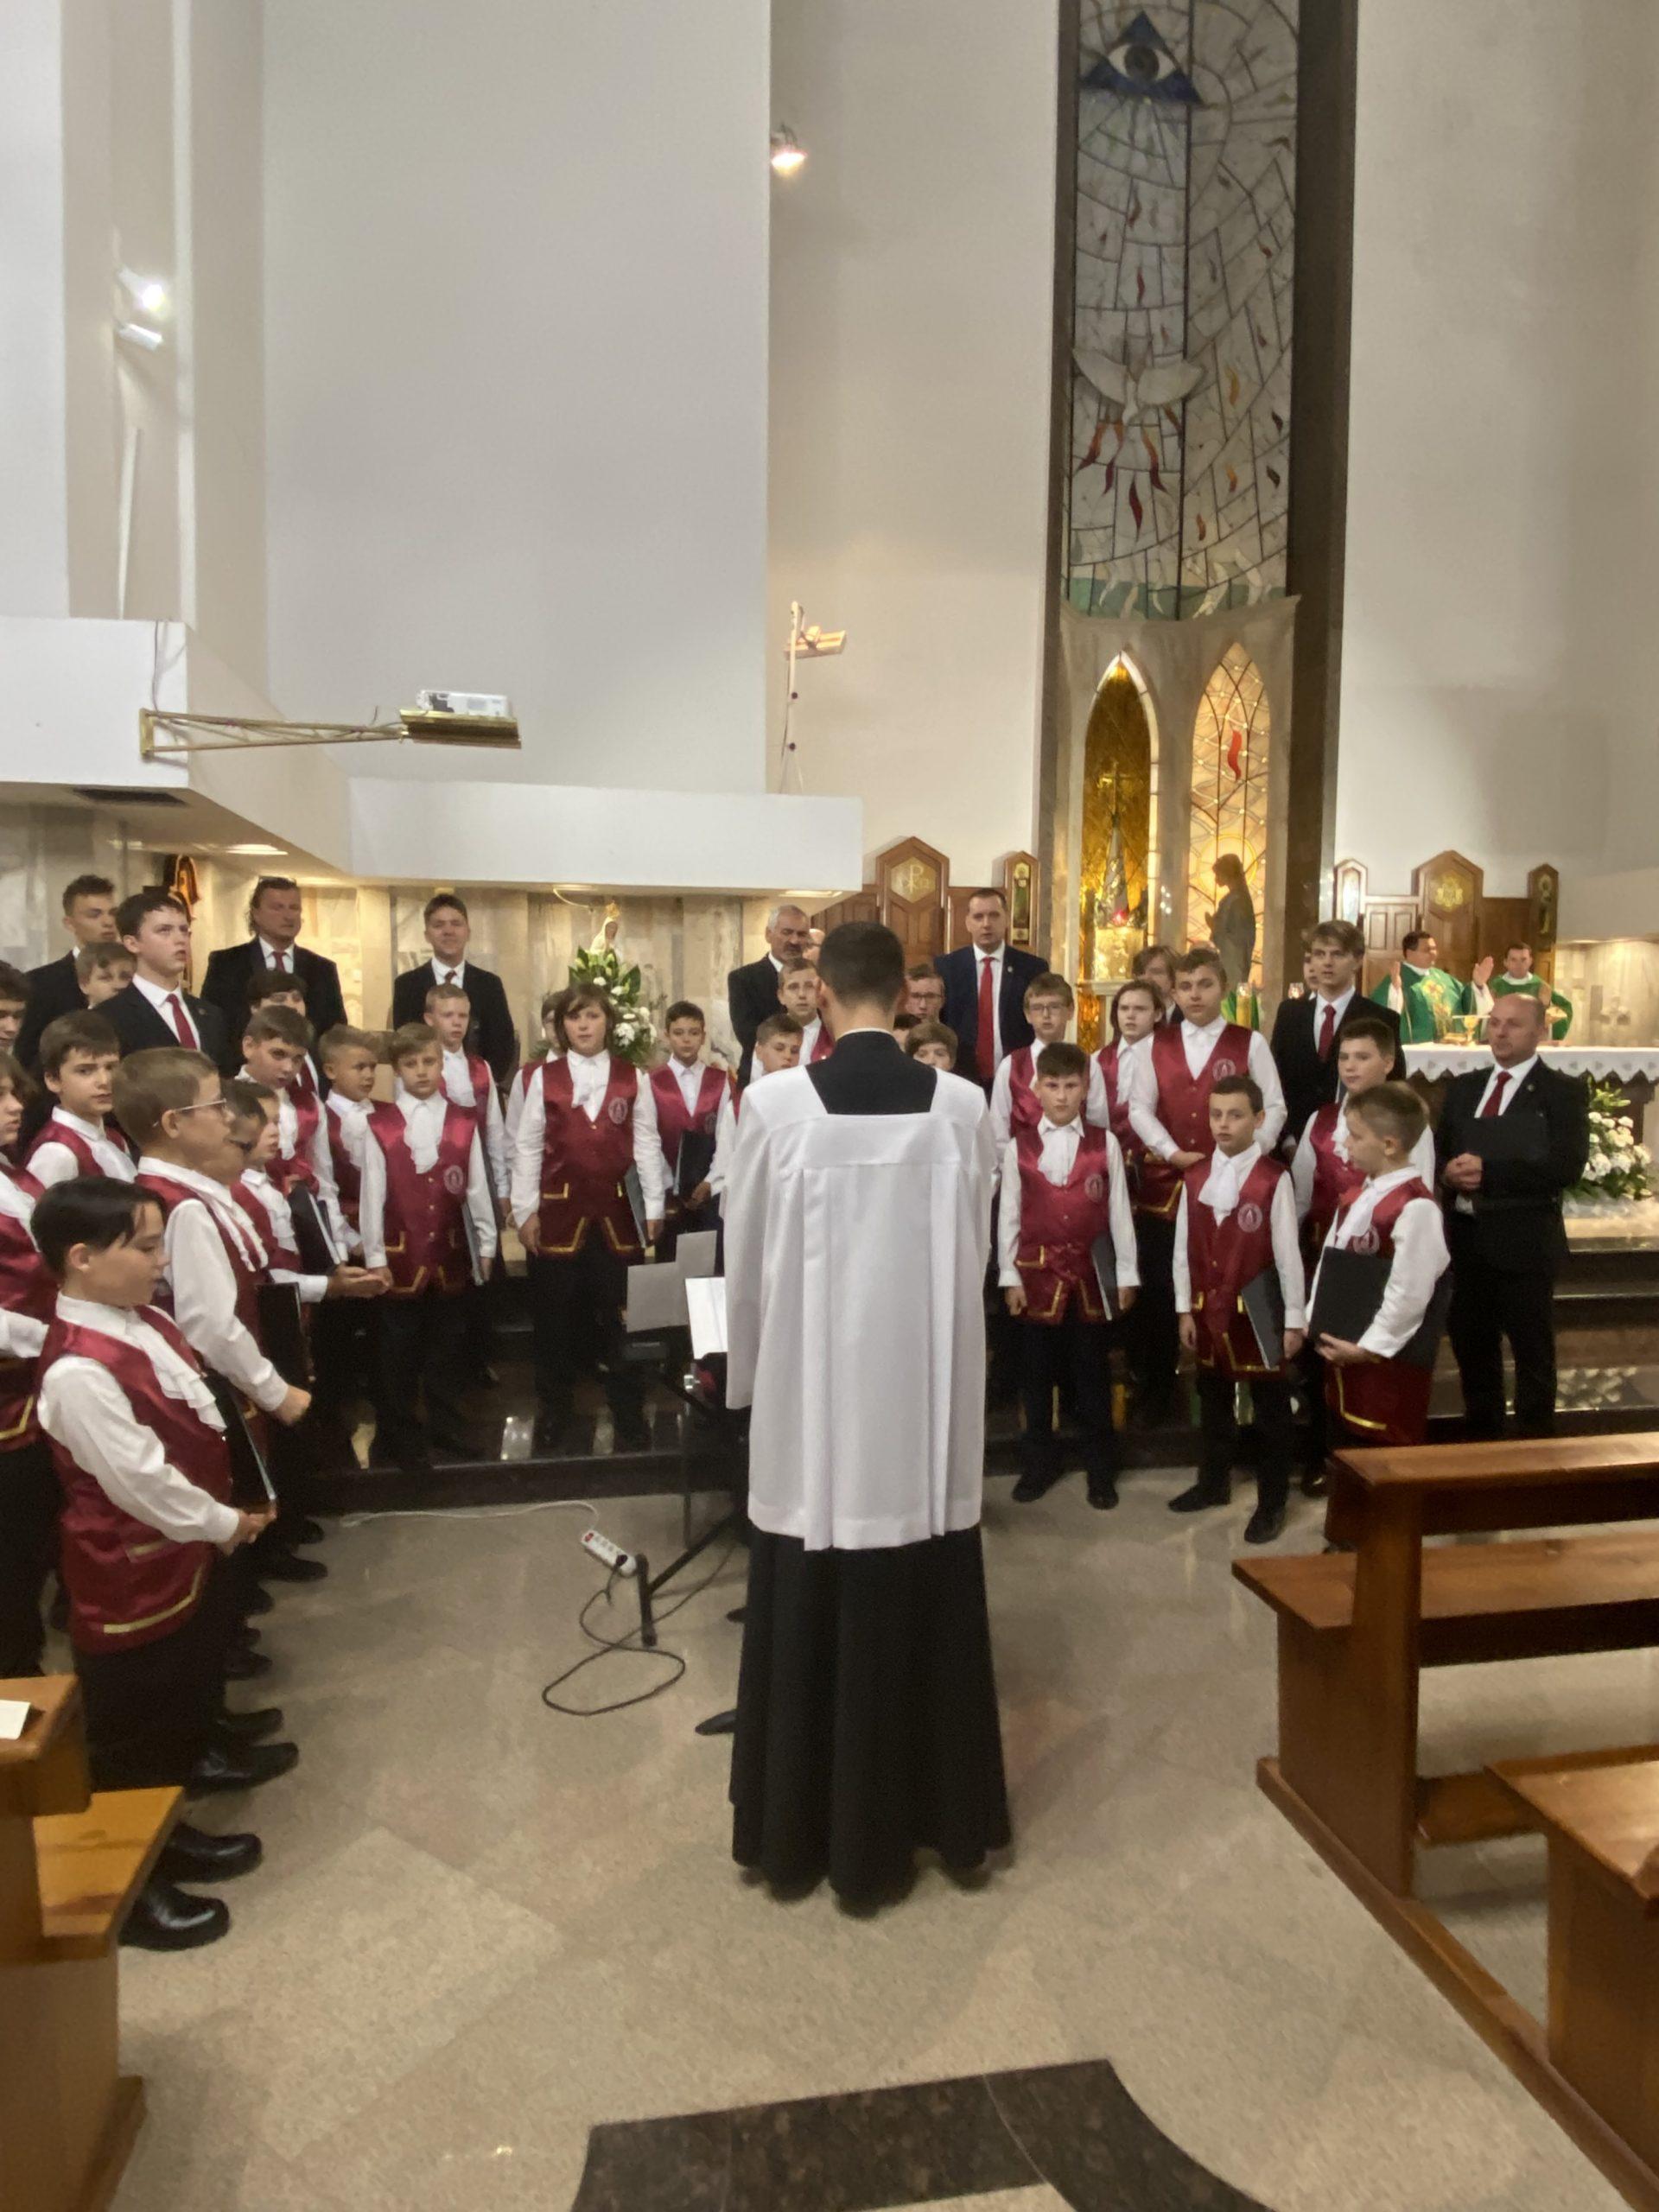 Msza Św. z udziałem Archidiecezjalnego chóru chłopięco-męskiego Pueri Cantores Lublineses 12.09.2021